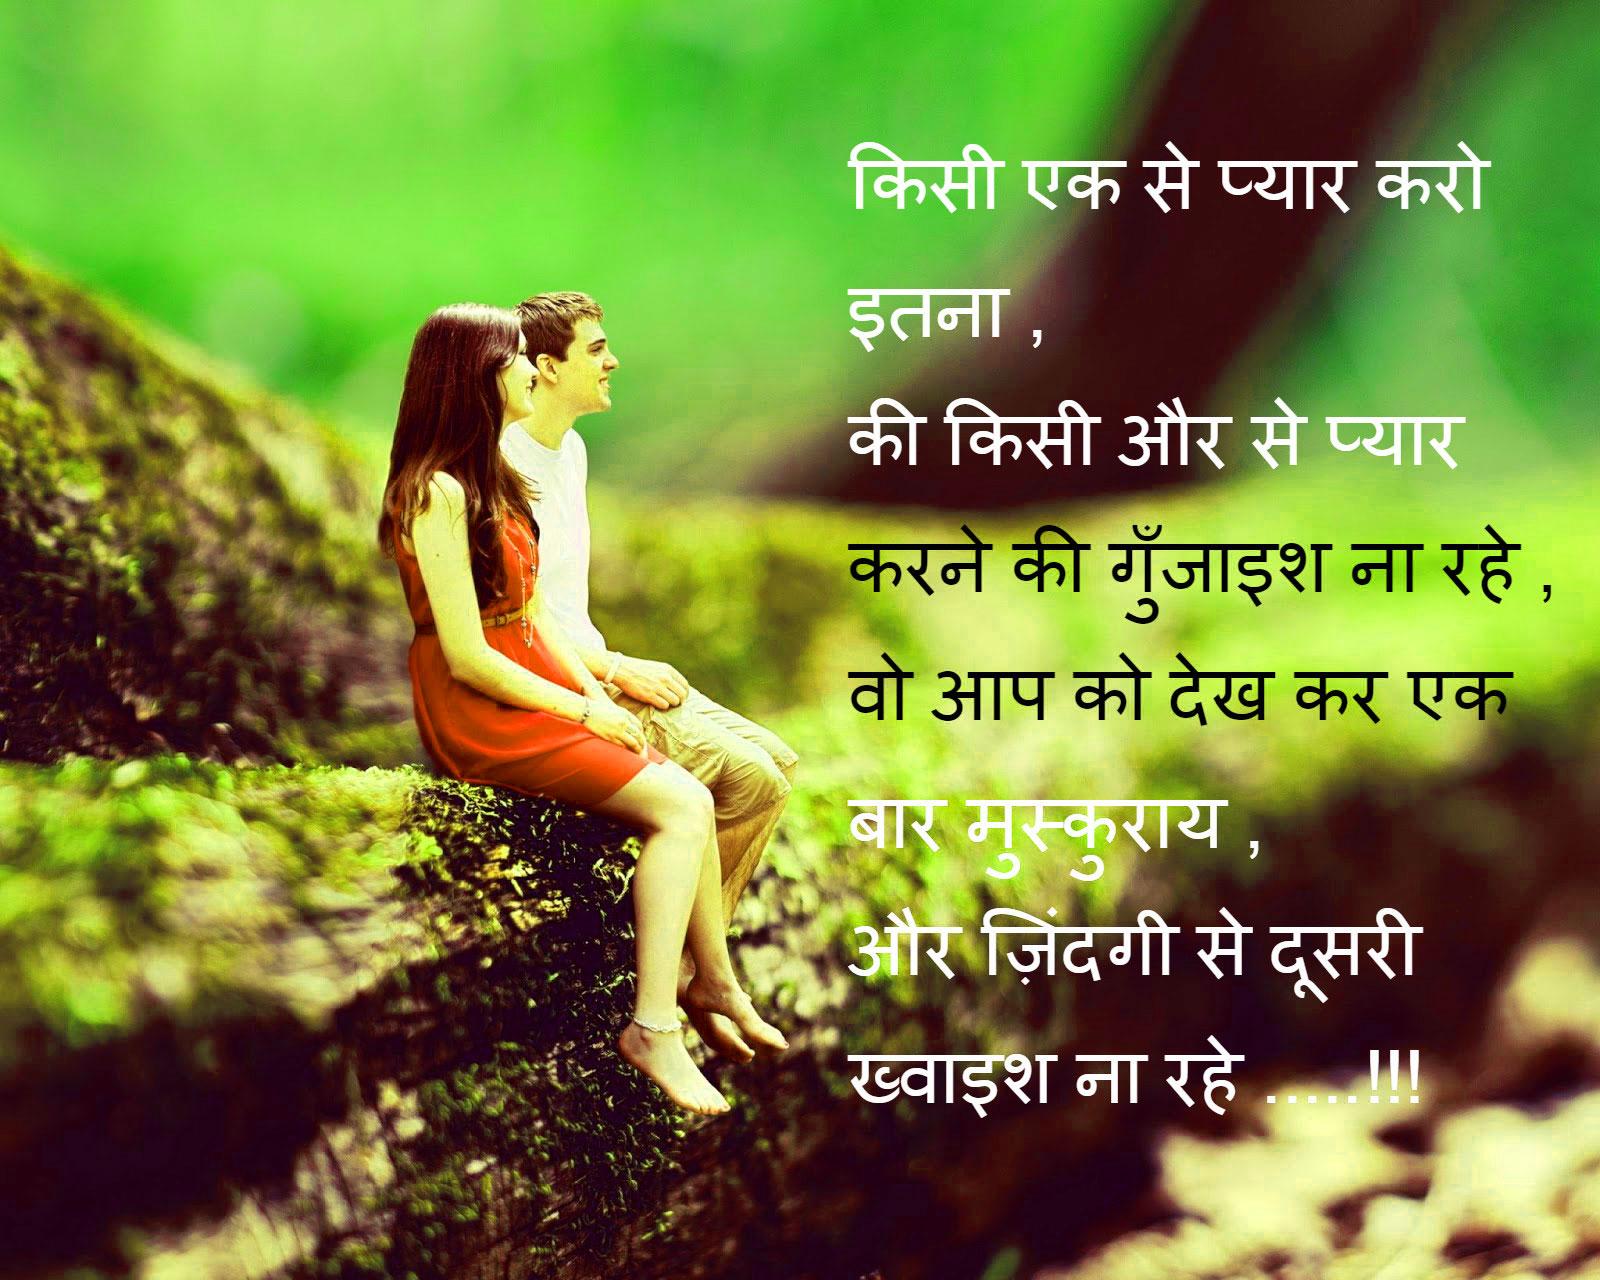 Best Hindi Love Shayari Quotes Whatsapp Status52